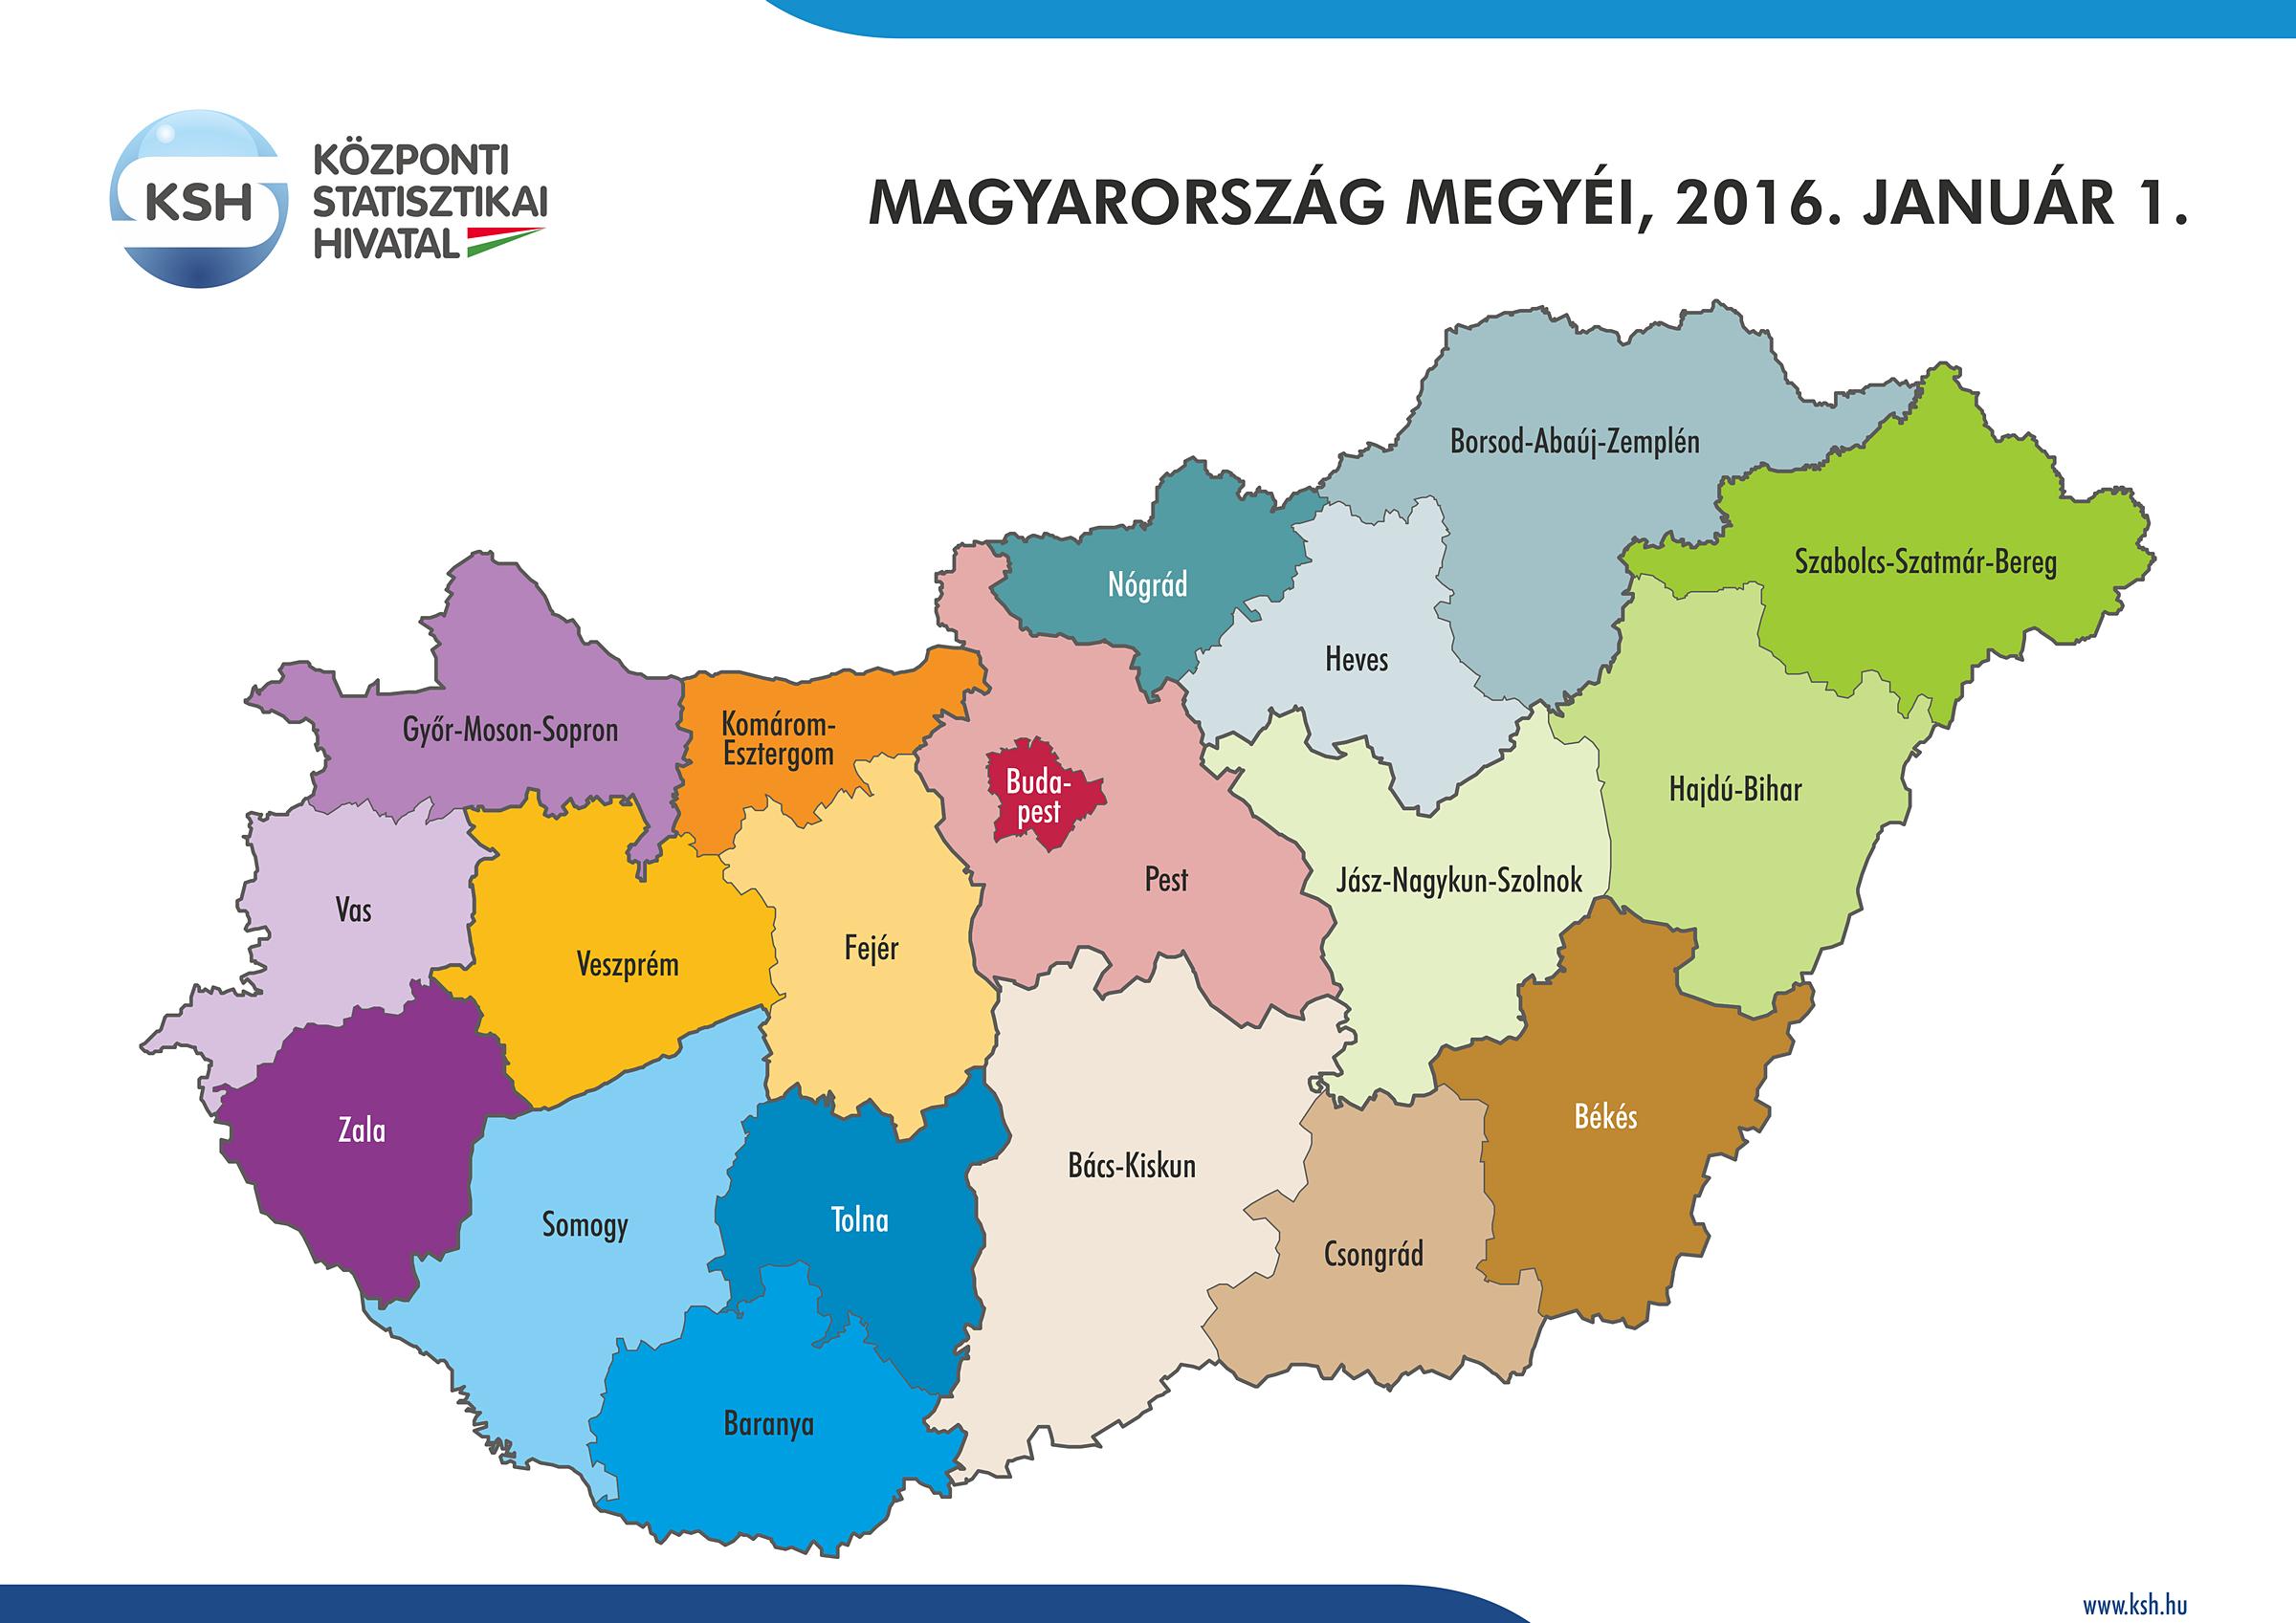 magyarország megye térkép Központi Statisztikai Hivatal magyarország megye térkép